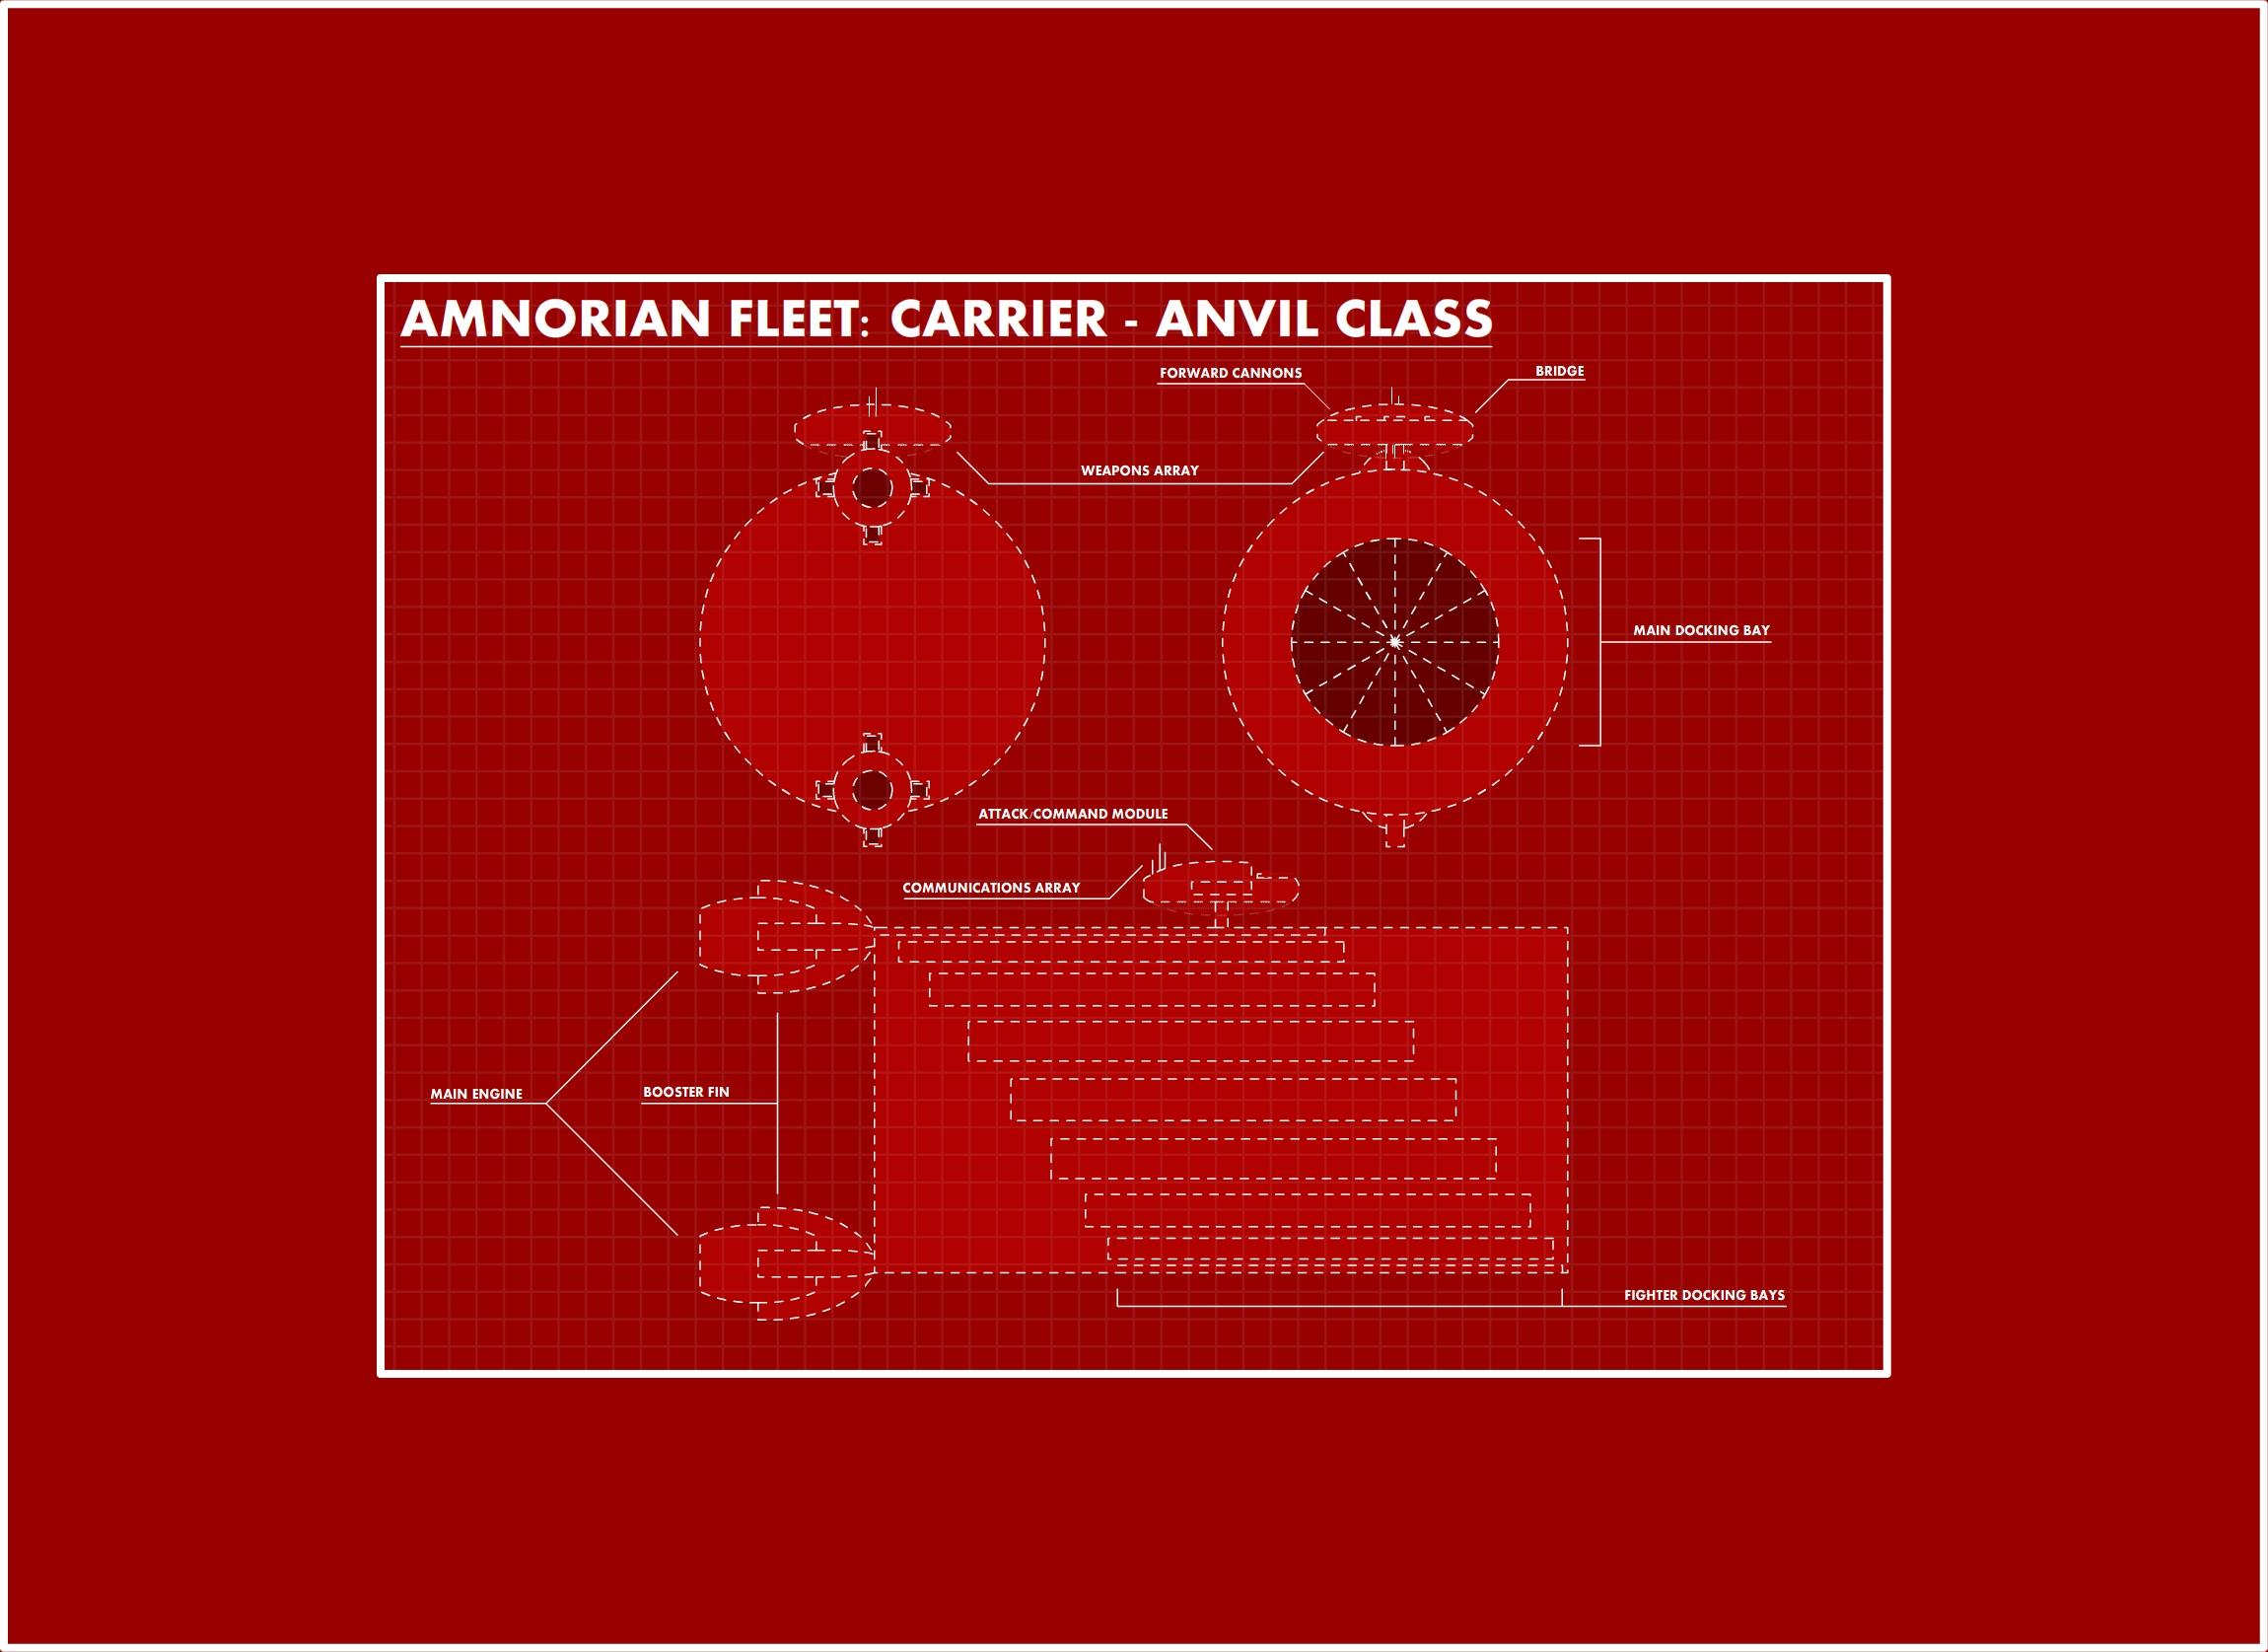 Amnorian Fleet - Carrier - Anvil Class.jpg